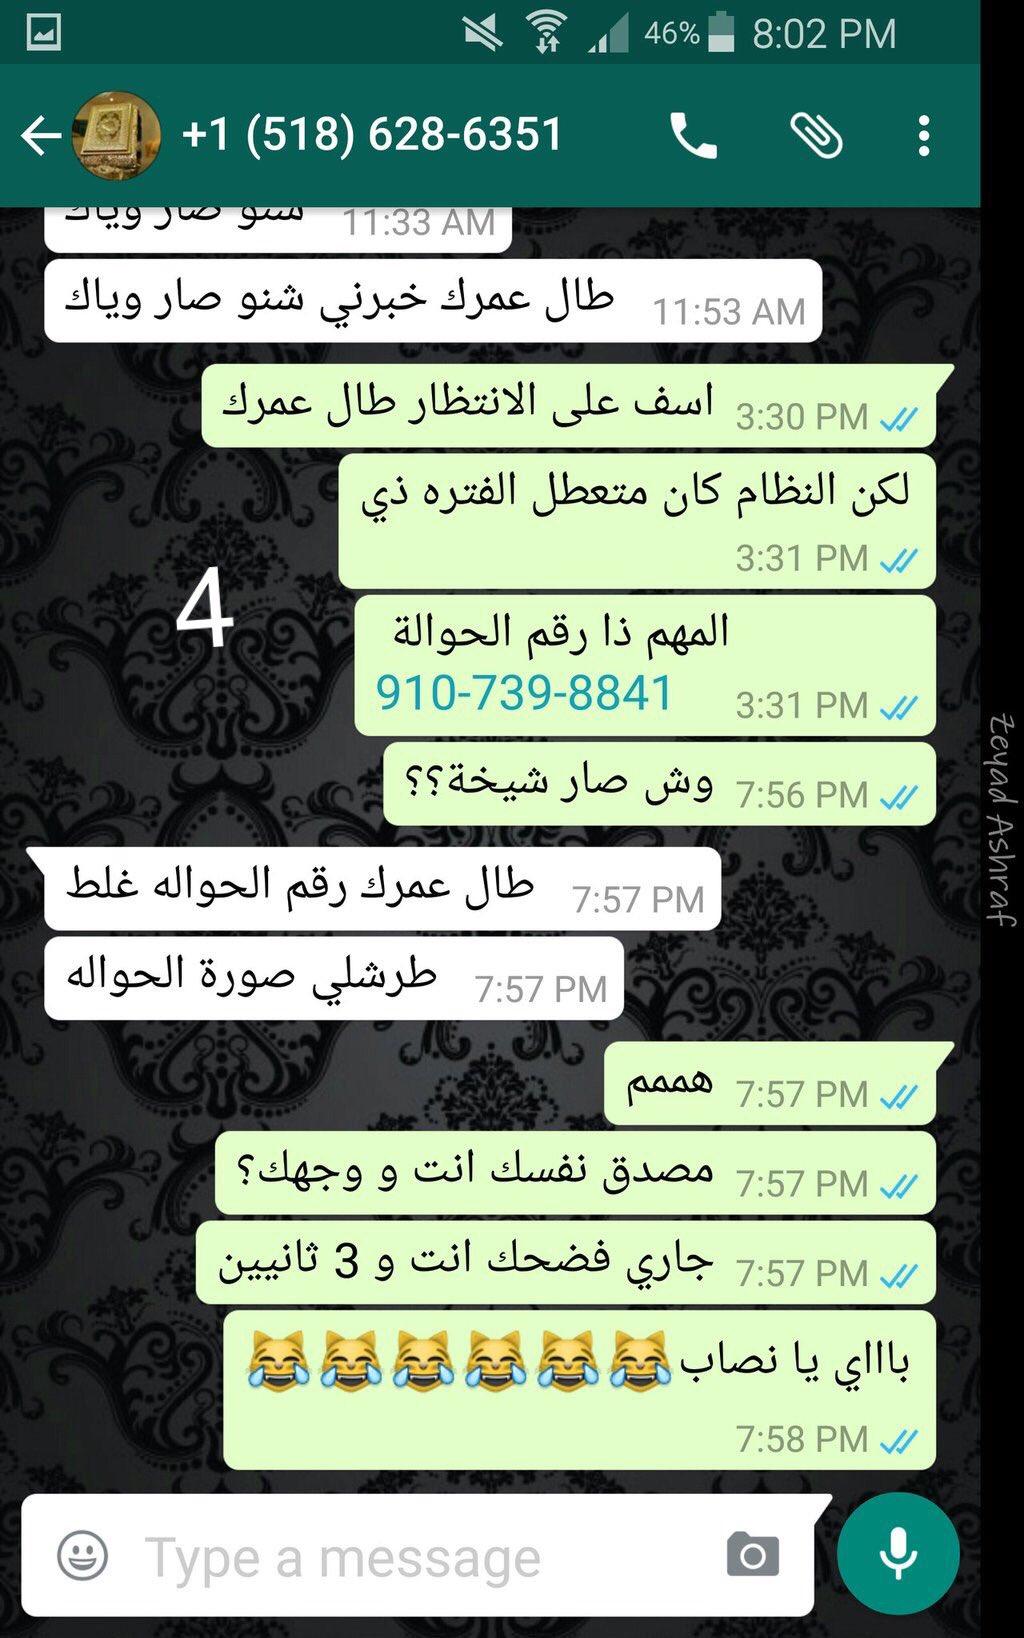 فيصل القويز בטוויטר 9 6 نصاب جديد طحنا عليه اليوم خالد حسن خليل الزعبي أو ساره آل ثاني الاردن اربد تلفون 00962780804953